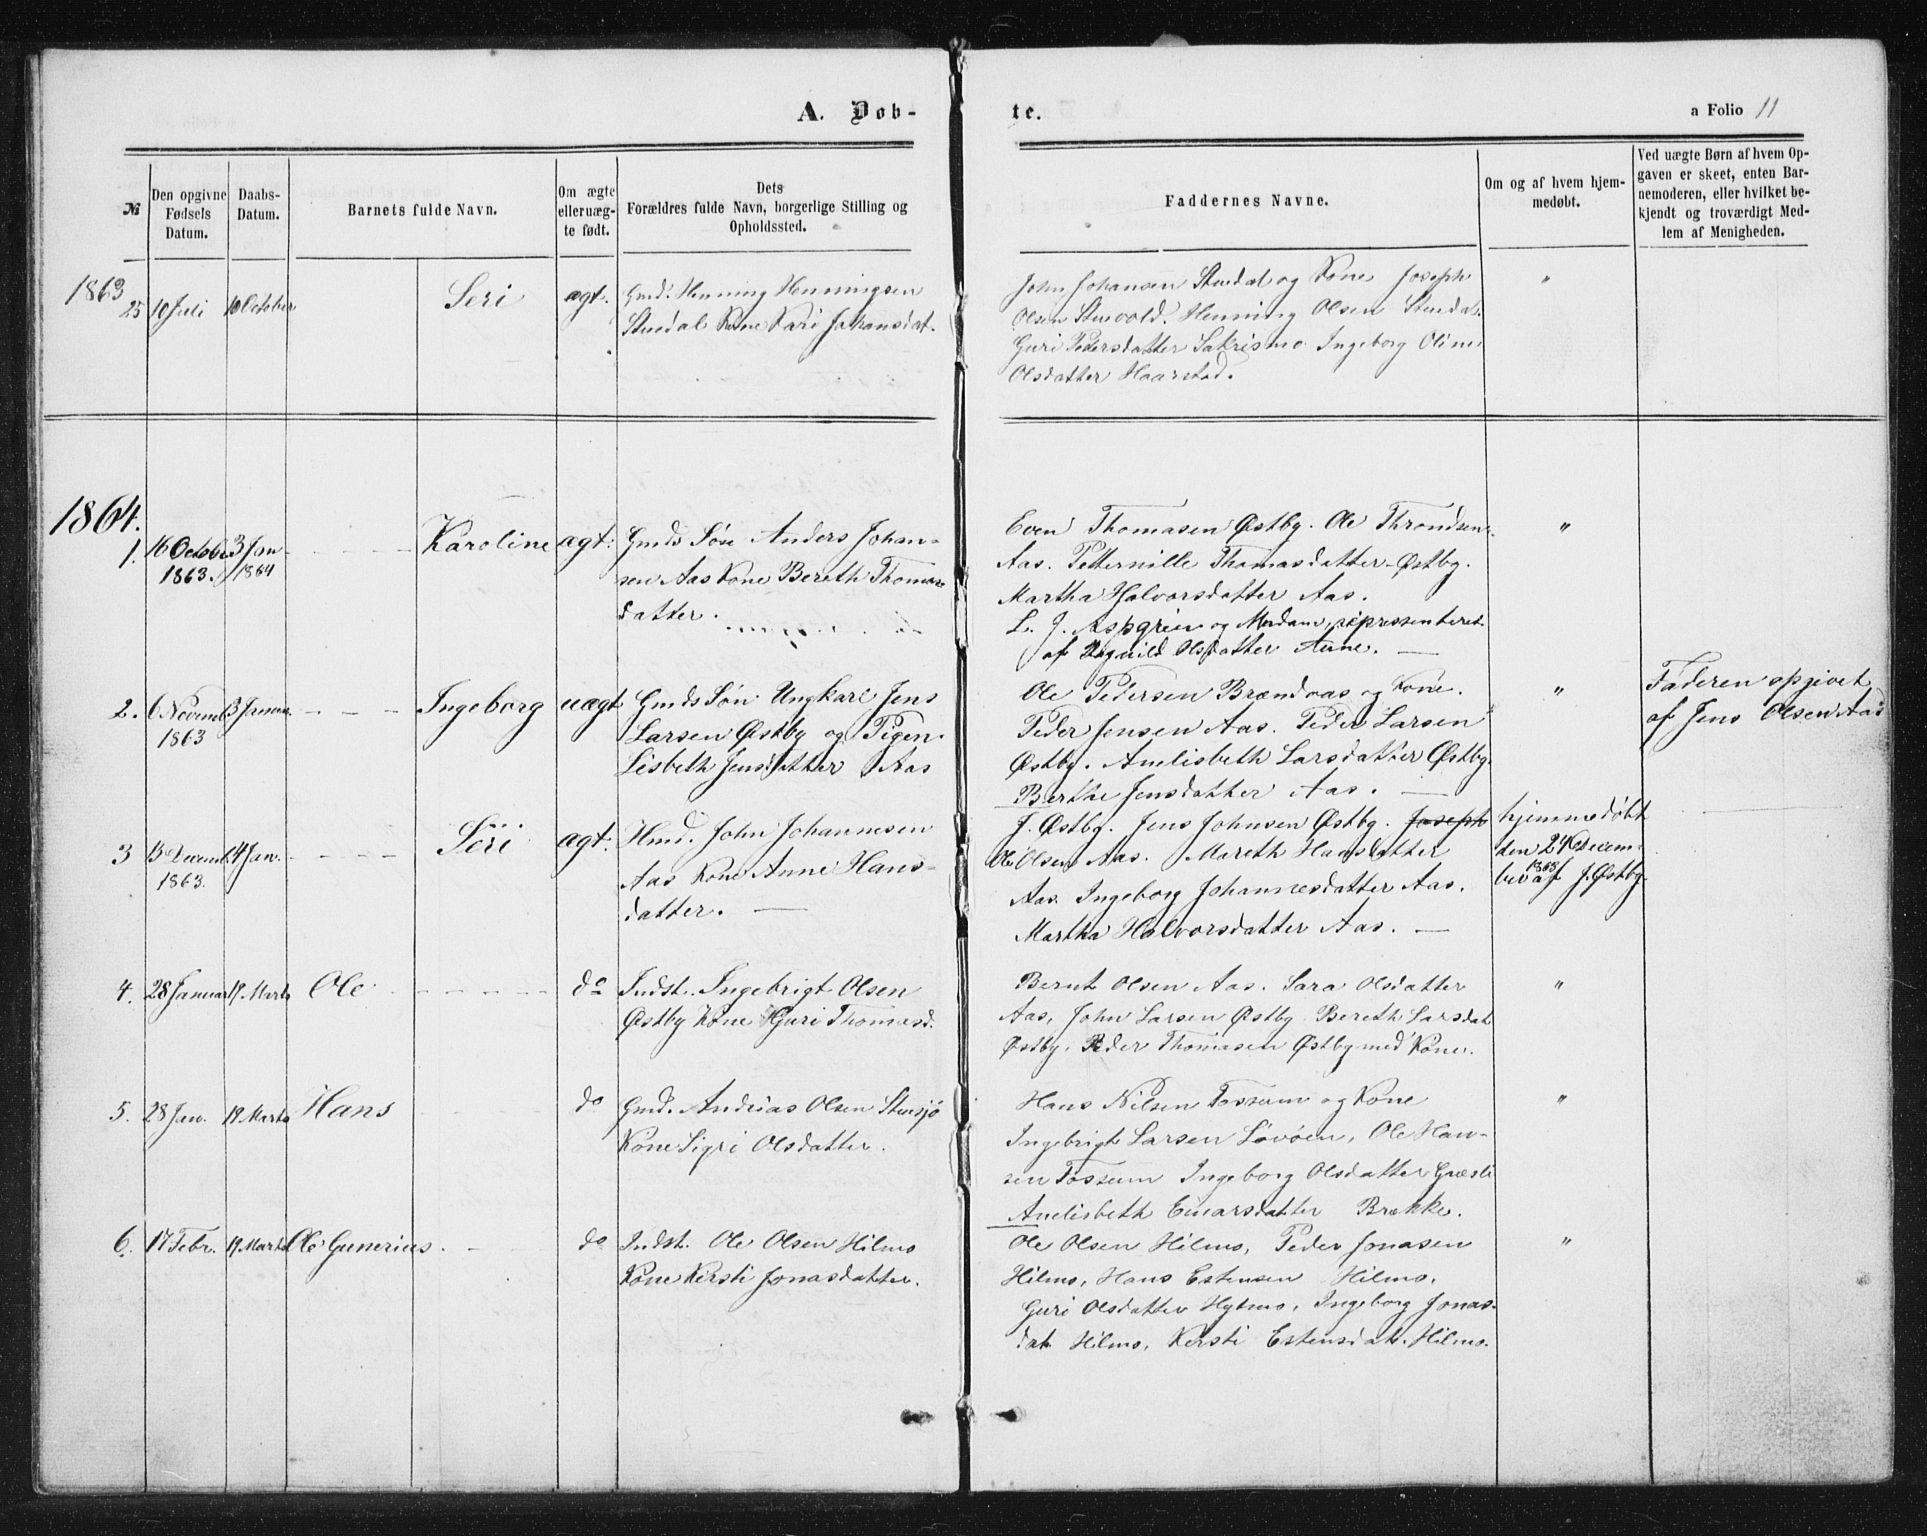 SAT, Ministerialprotokoller, klokkerbøker og fødselsregistre - Sør-Trøndelag, 698/L1166: Klokkerbok nr. 698C03, 1861-1887, s. 11